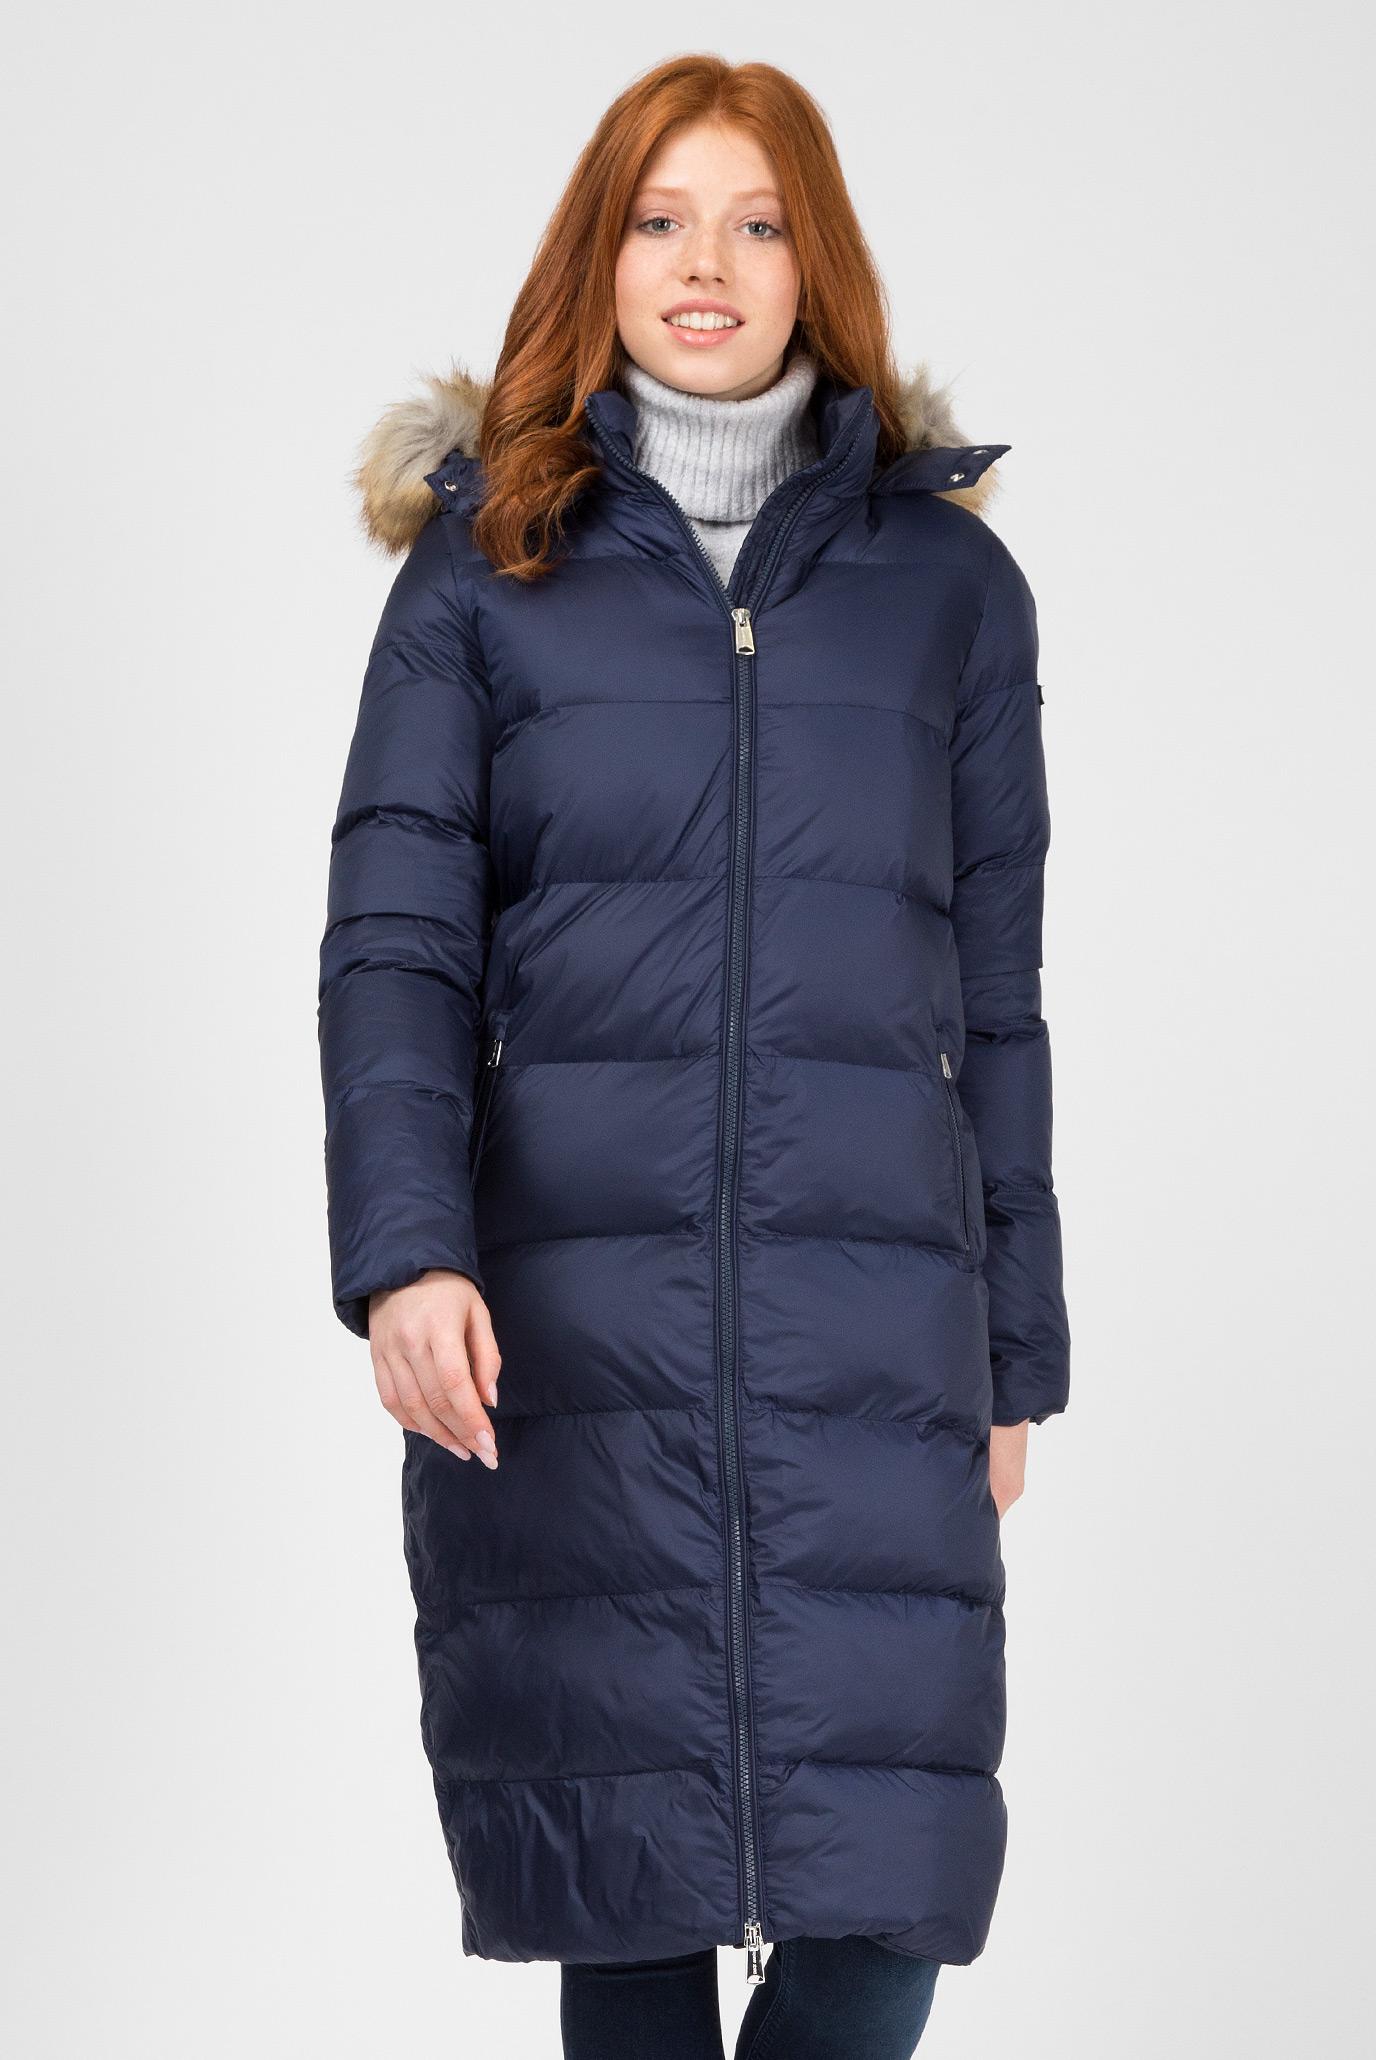 Купить Женская синяя удлиненная куртка Tommy Hilfiger Tommy Hilfiger DW0DW05164 – Киев, Украина. Цены в интернет магазине MD Fashion